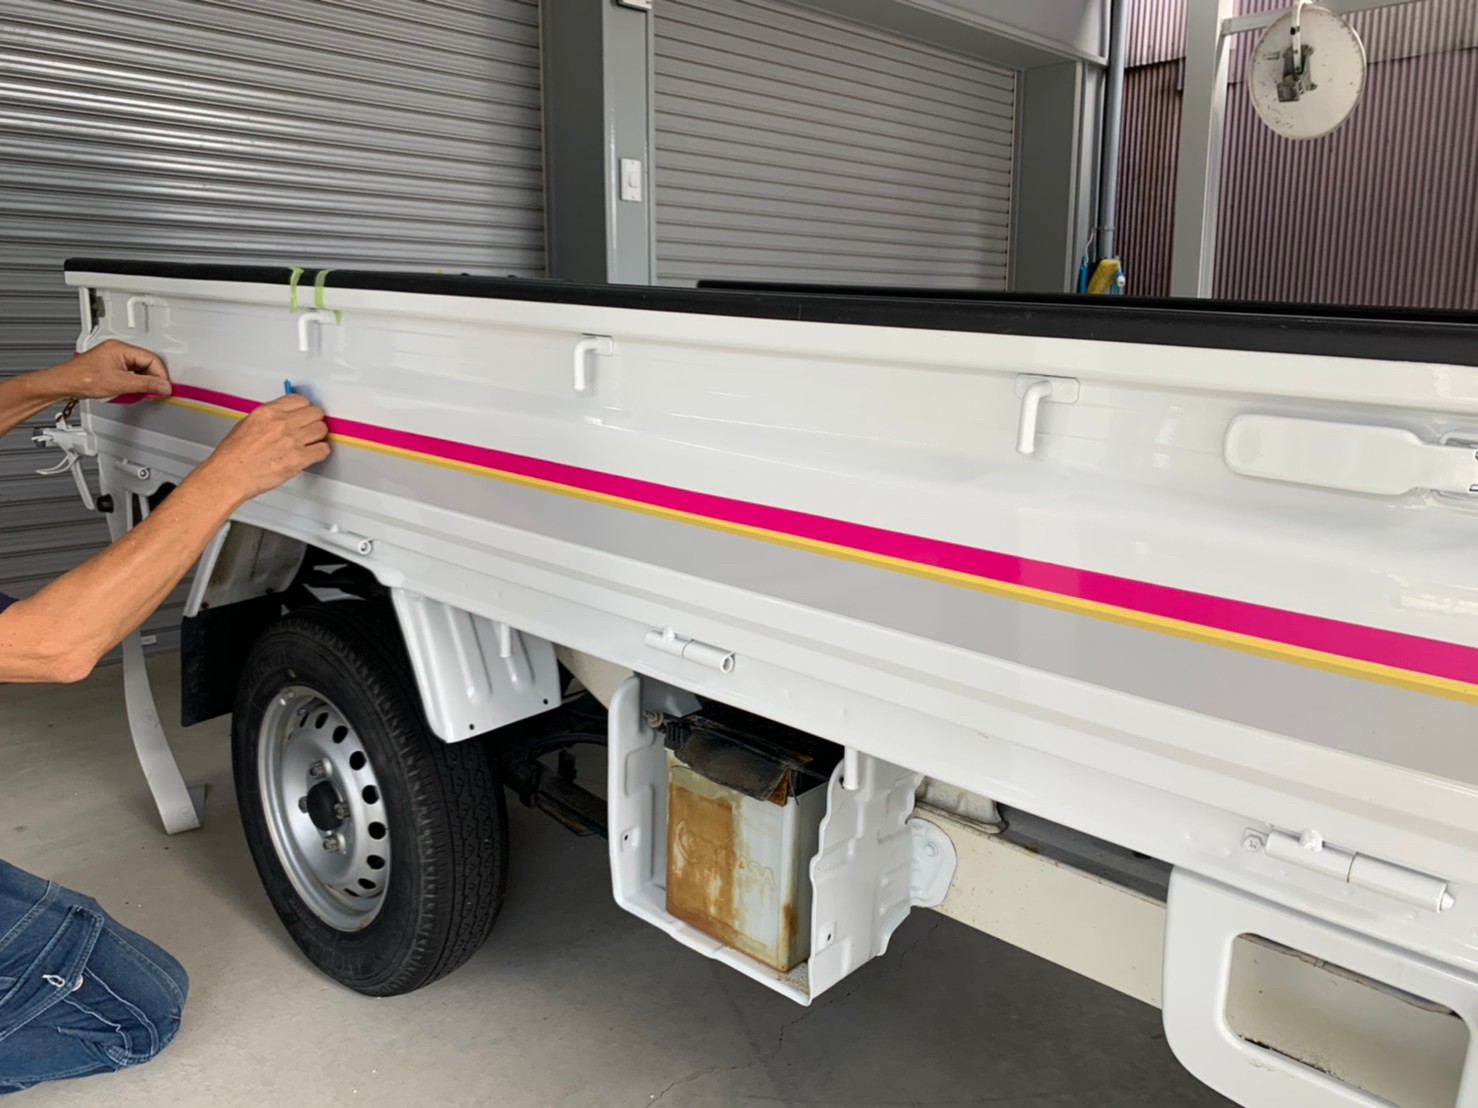 ハイゼットトラックを社用車仕様にラッピング。他車両とデザインをそろえ、統一感を出します。